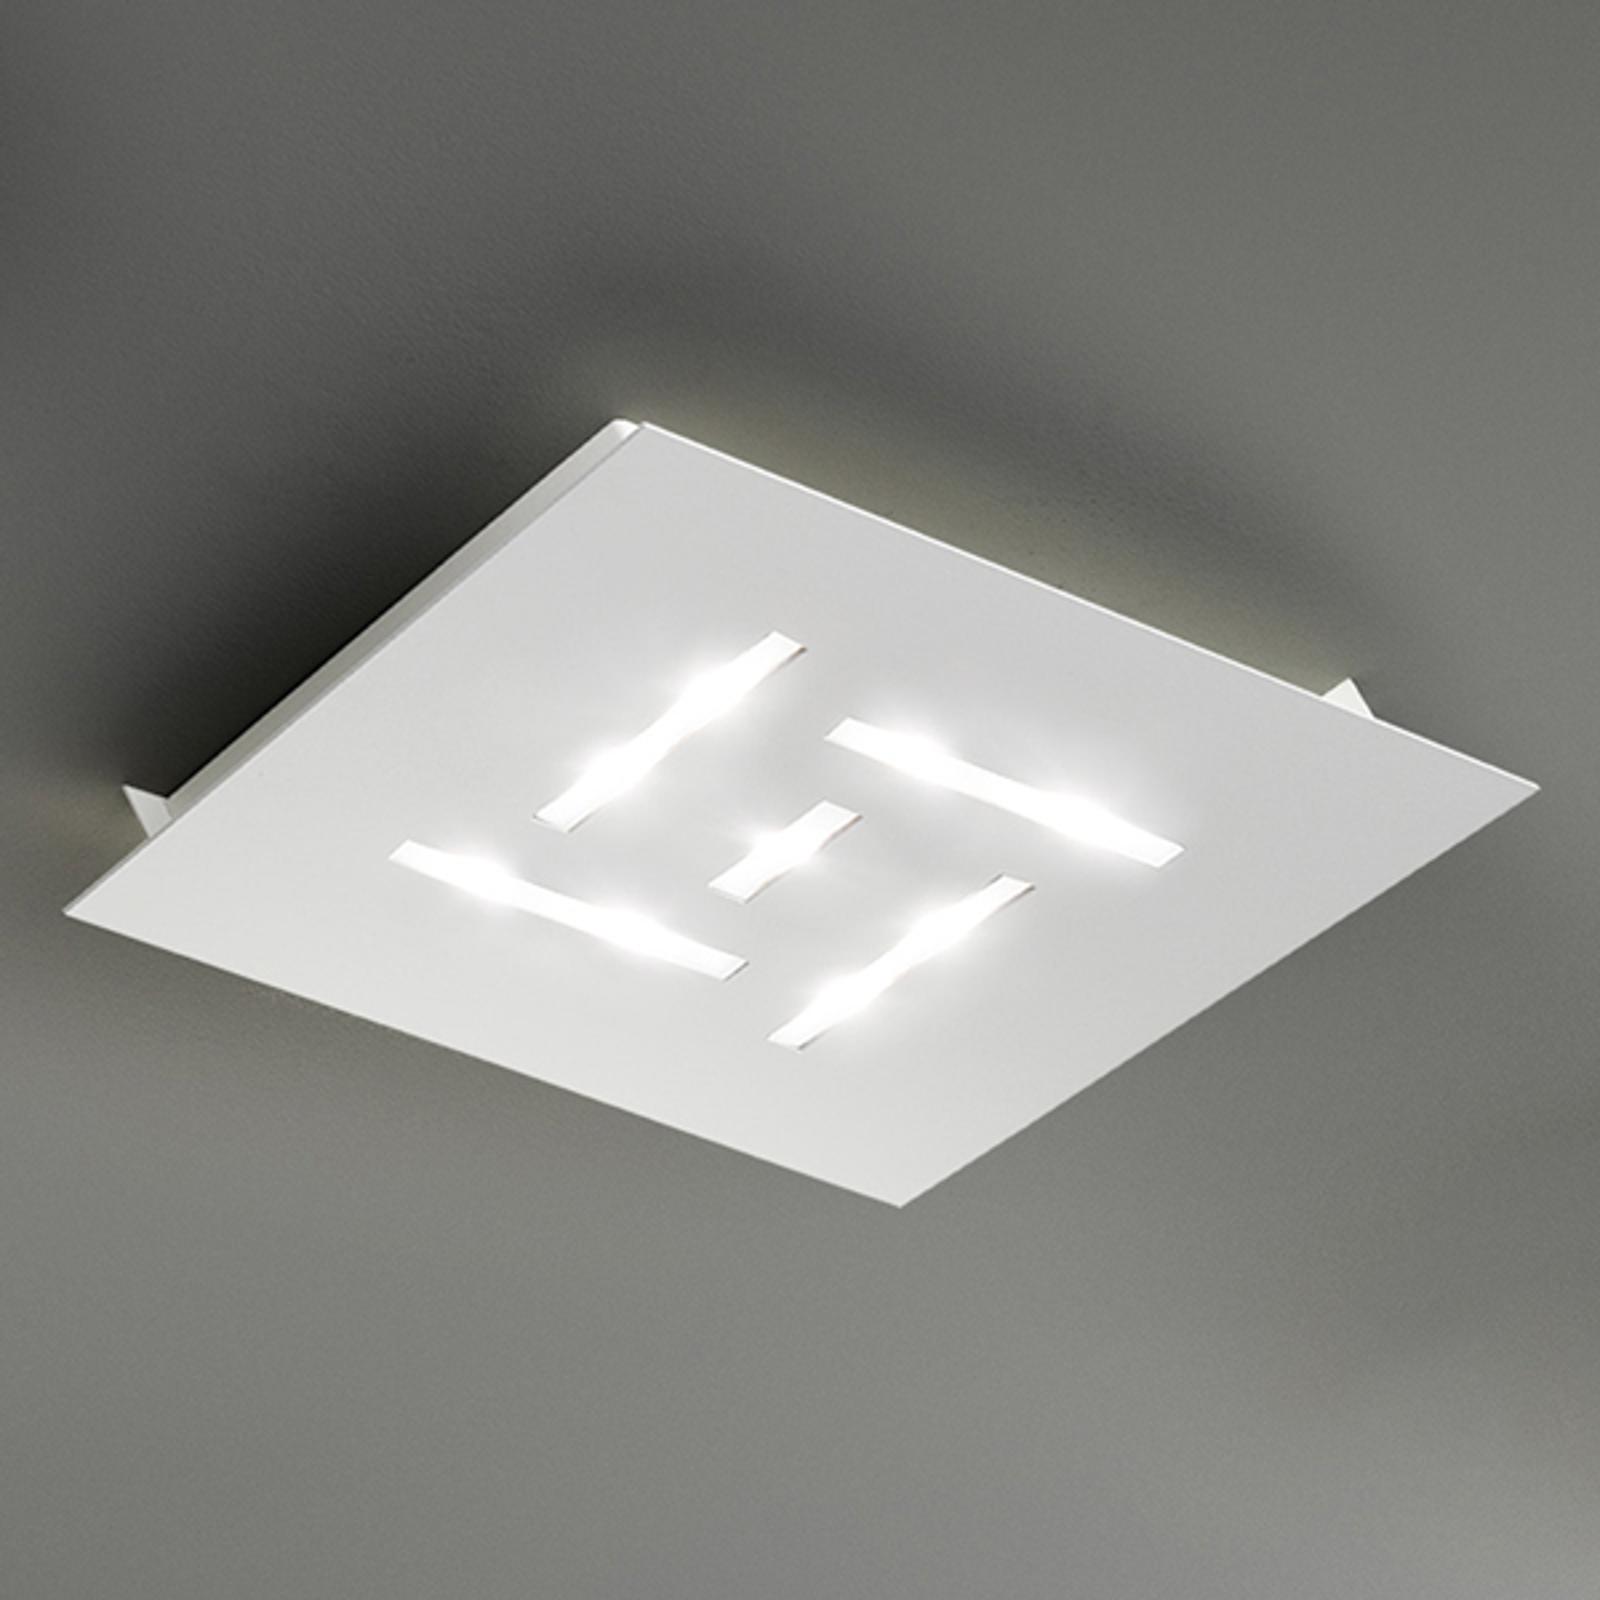 Ultraflache LED-Deckenleuchte Pattern, weiß